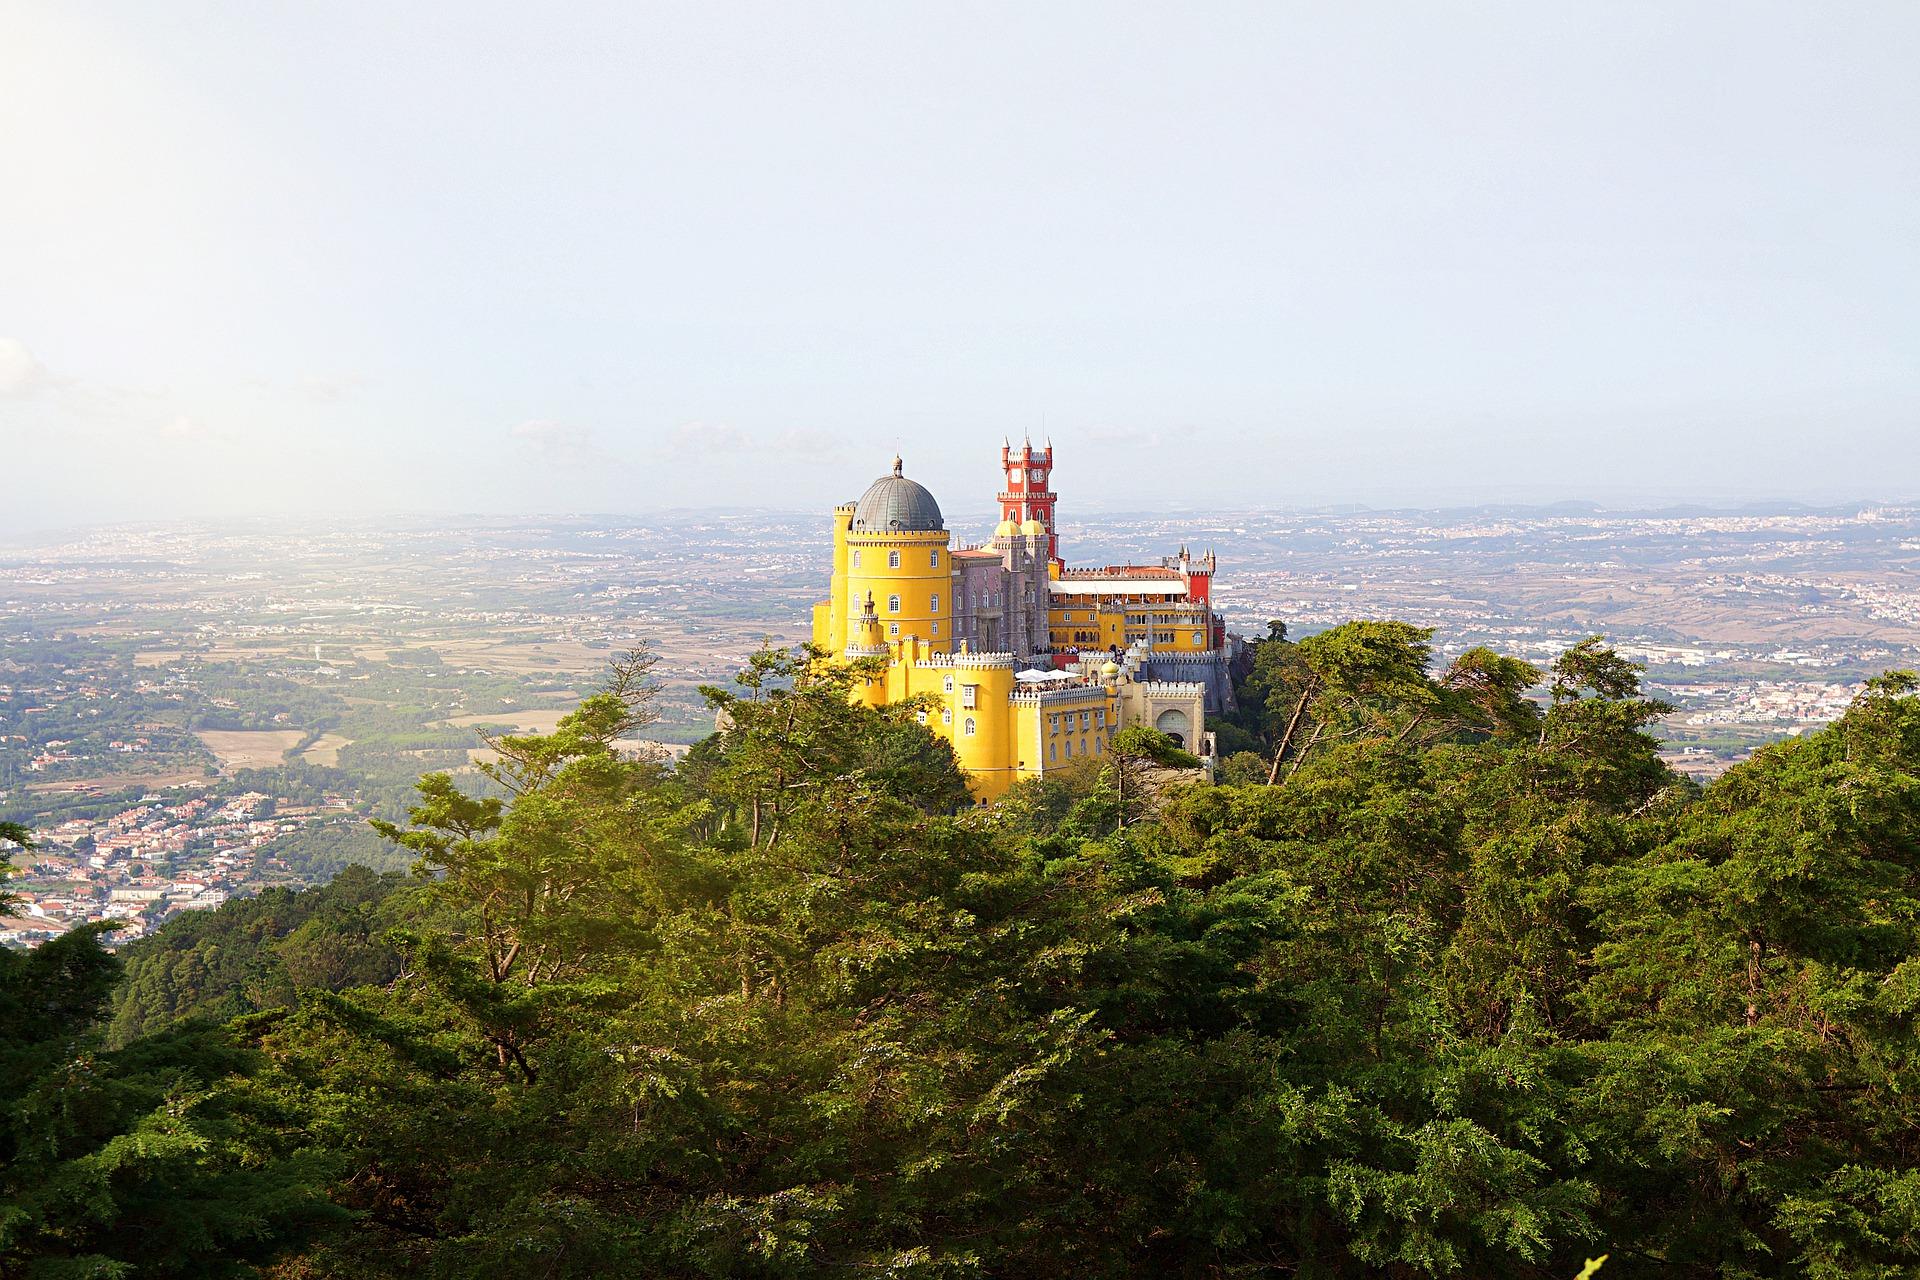 Já podes agendar a tua visita a um destes espaços culturais de Lisboa